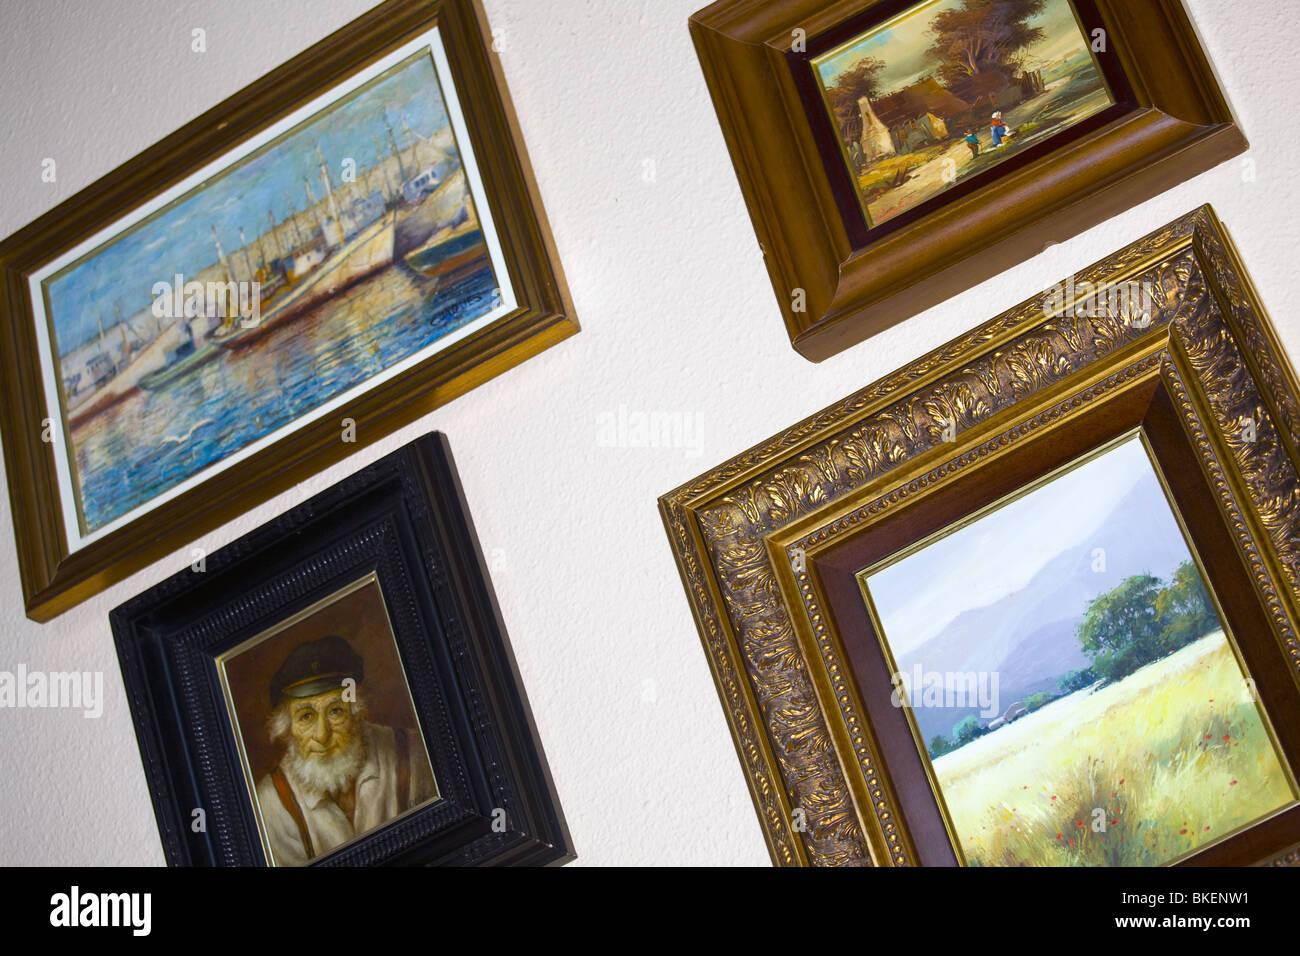 Pintura Imágenes De Stock & Pintura Fotos De Stock - Página 3 - Alamy